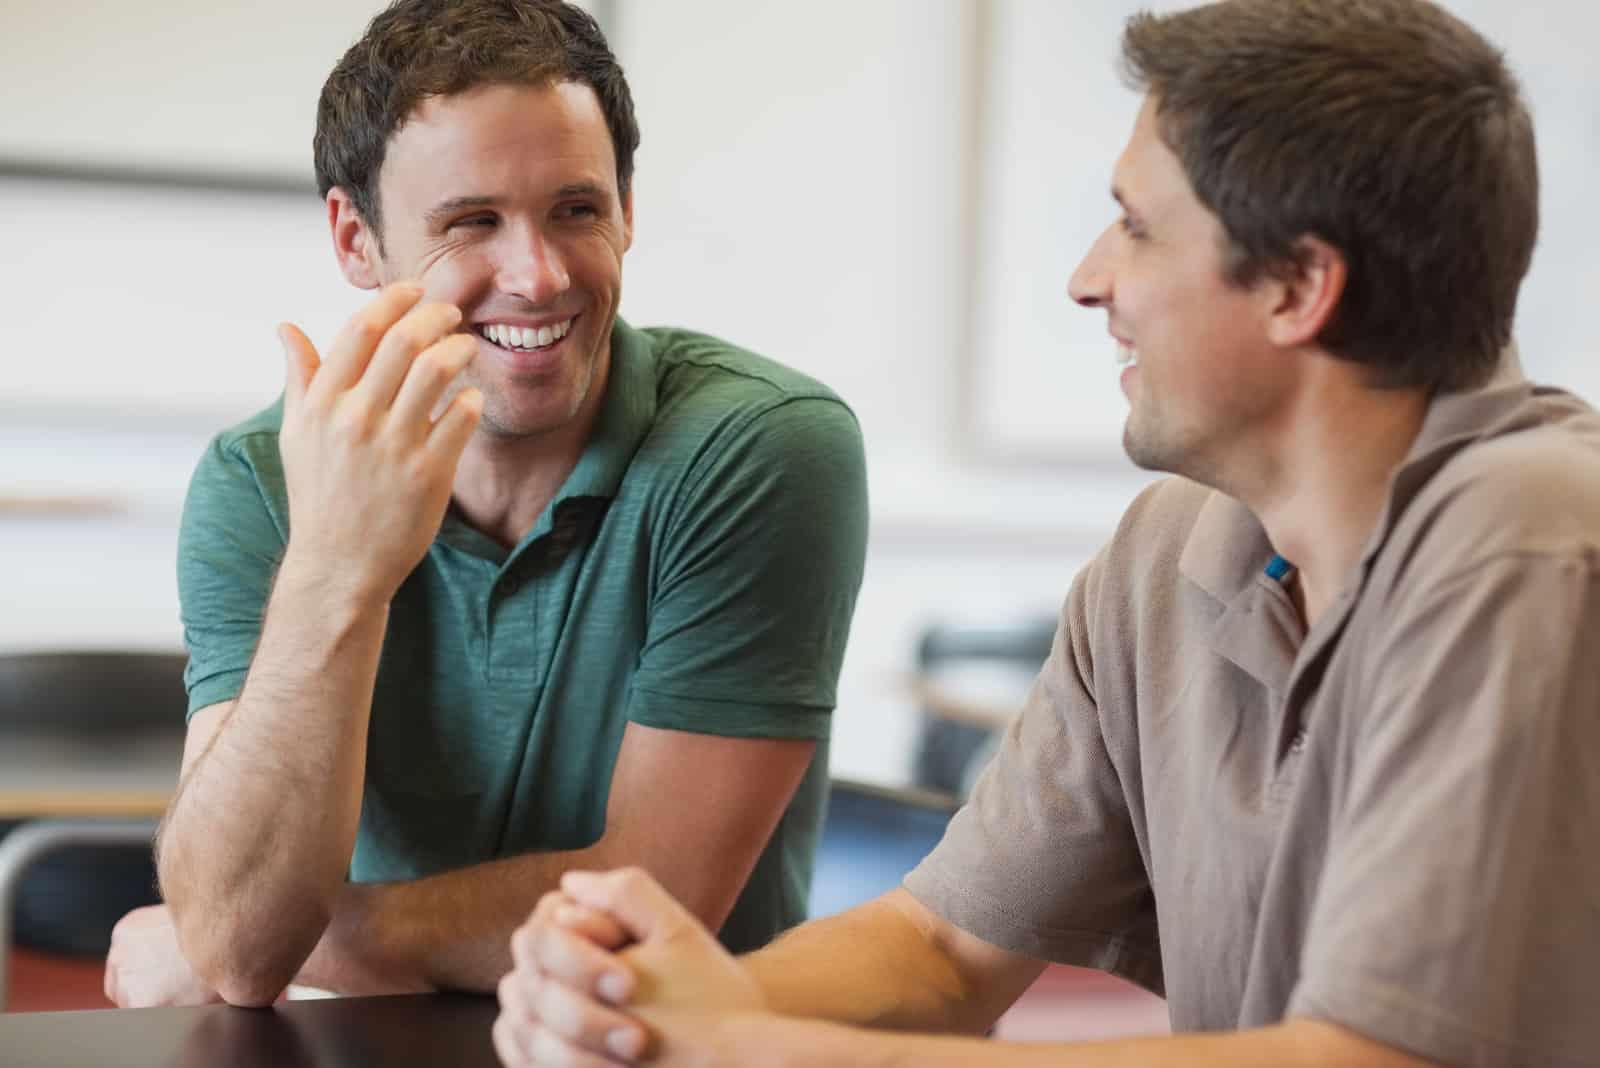 deux amis s'assoient et parlent